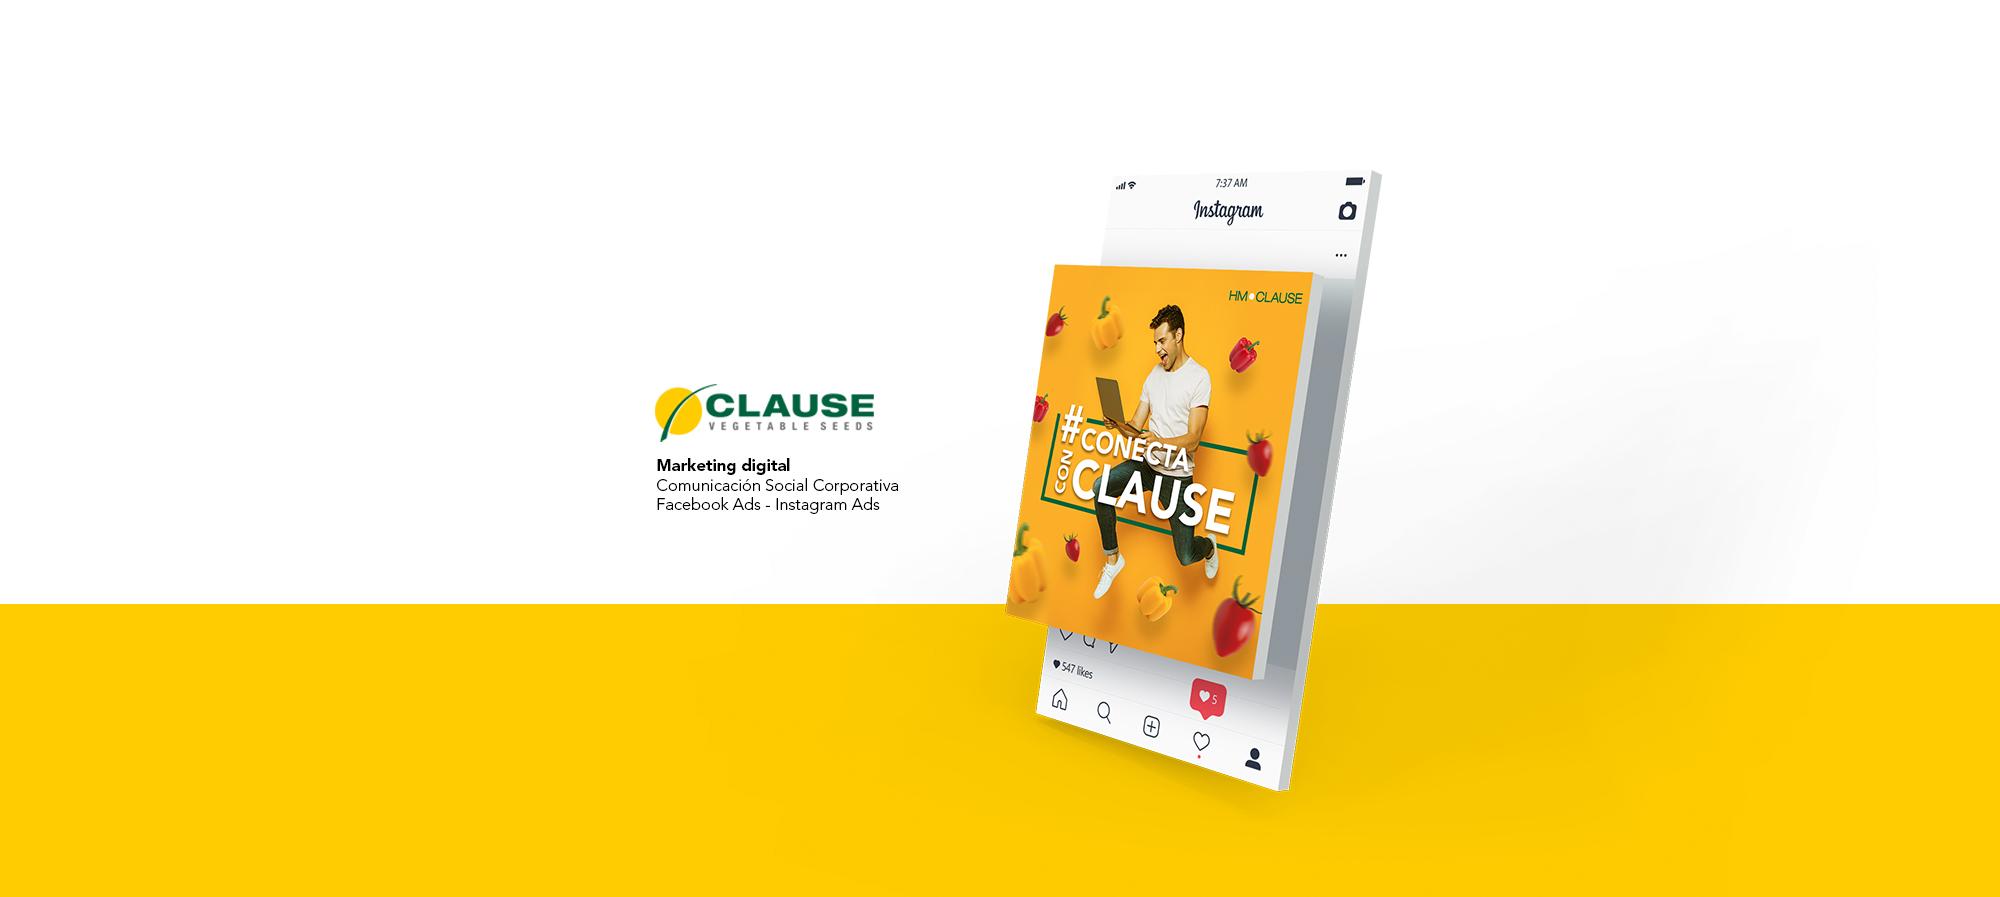 HM Clause 1 - Fama Publicidad